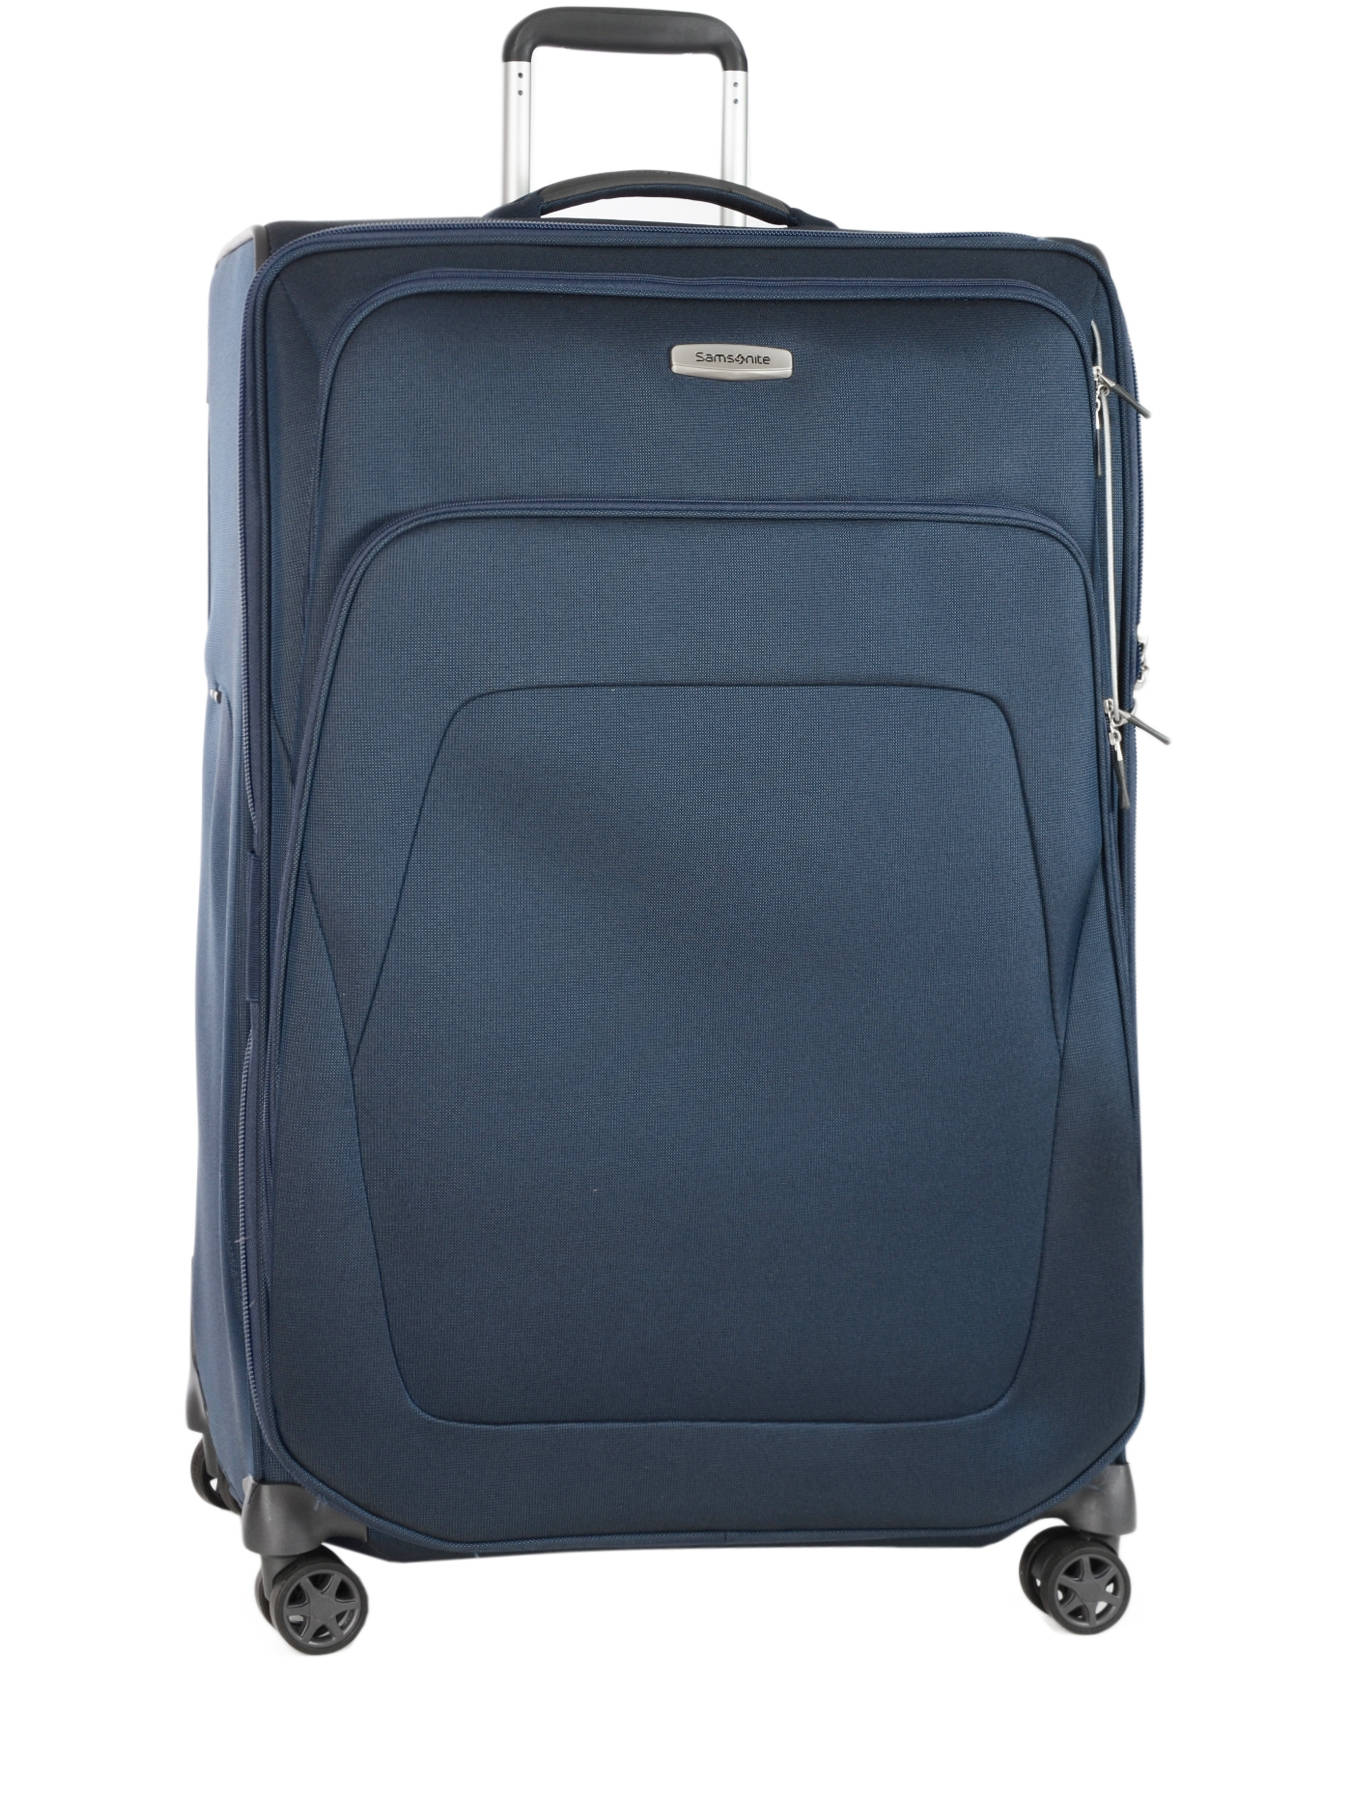 valise souple samsonite